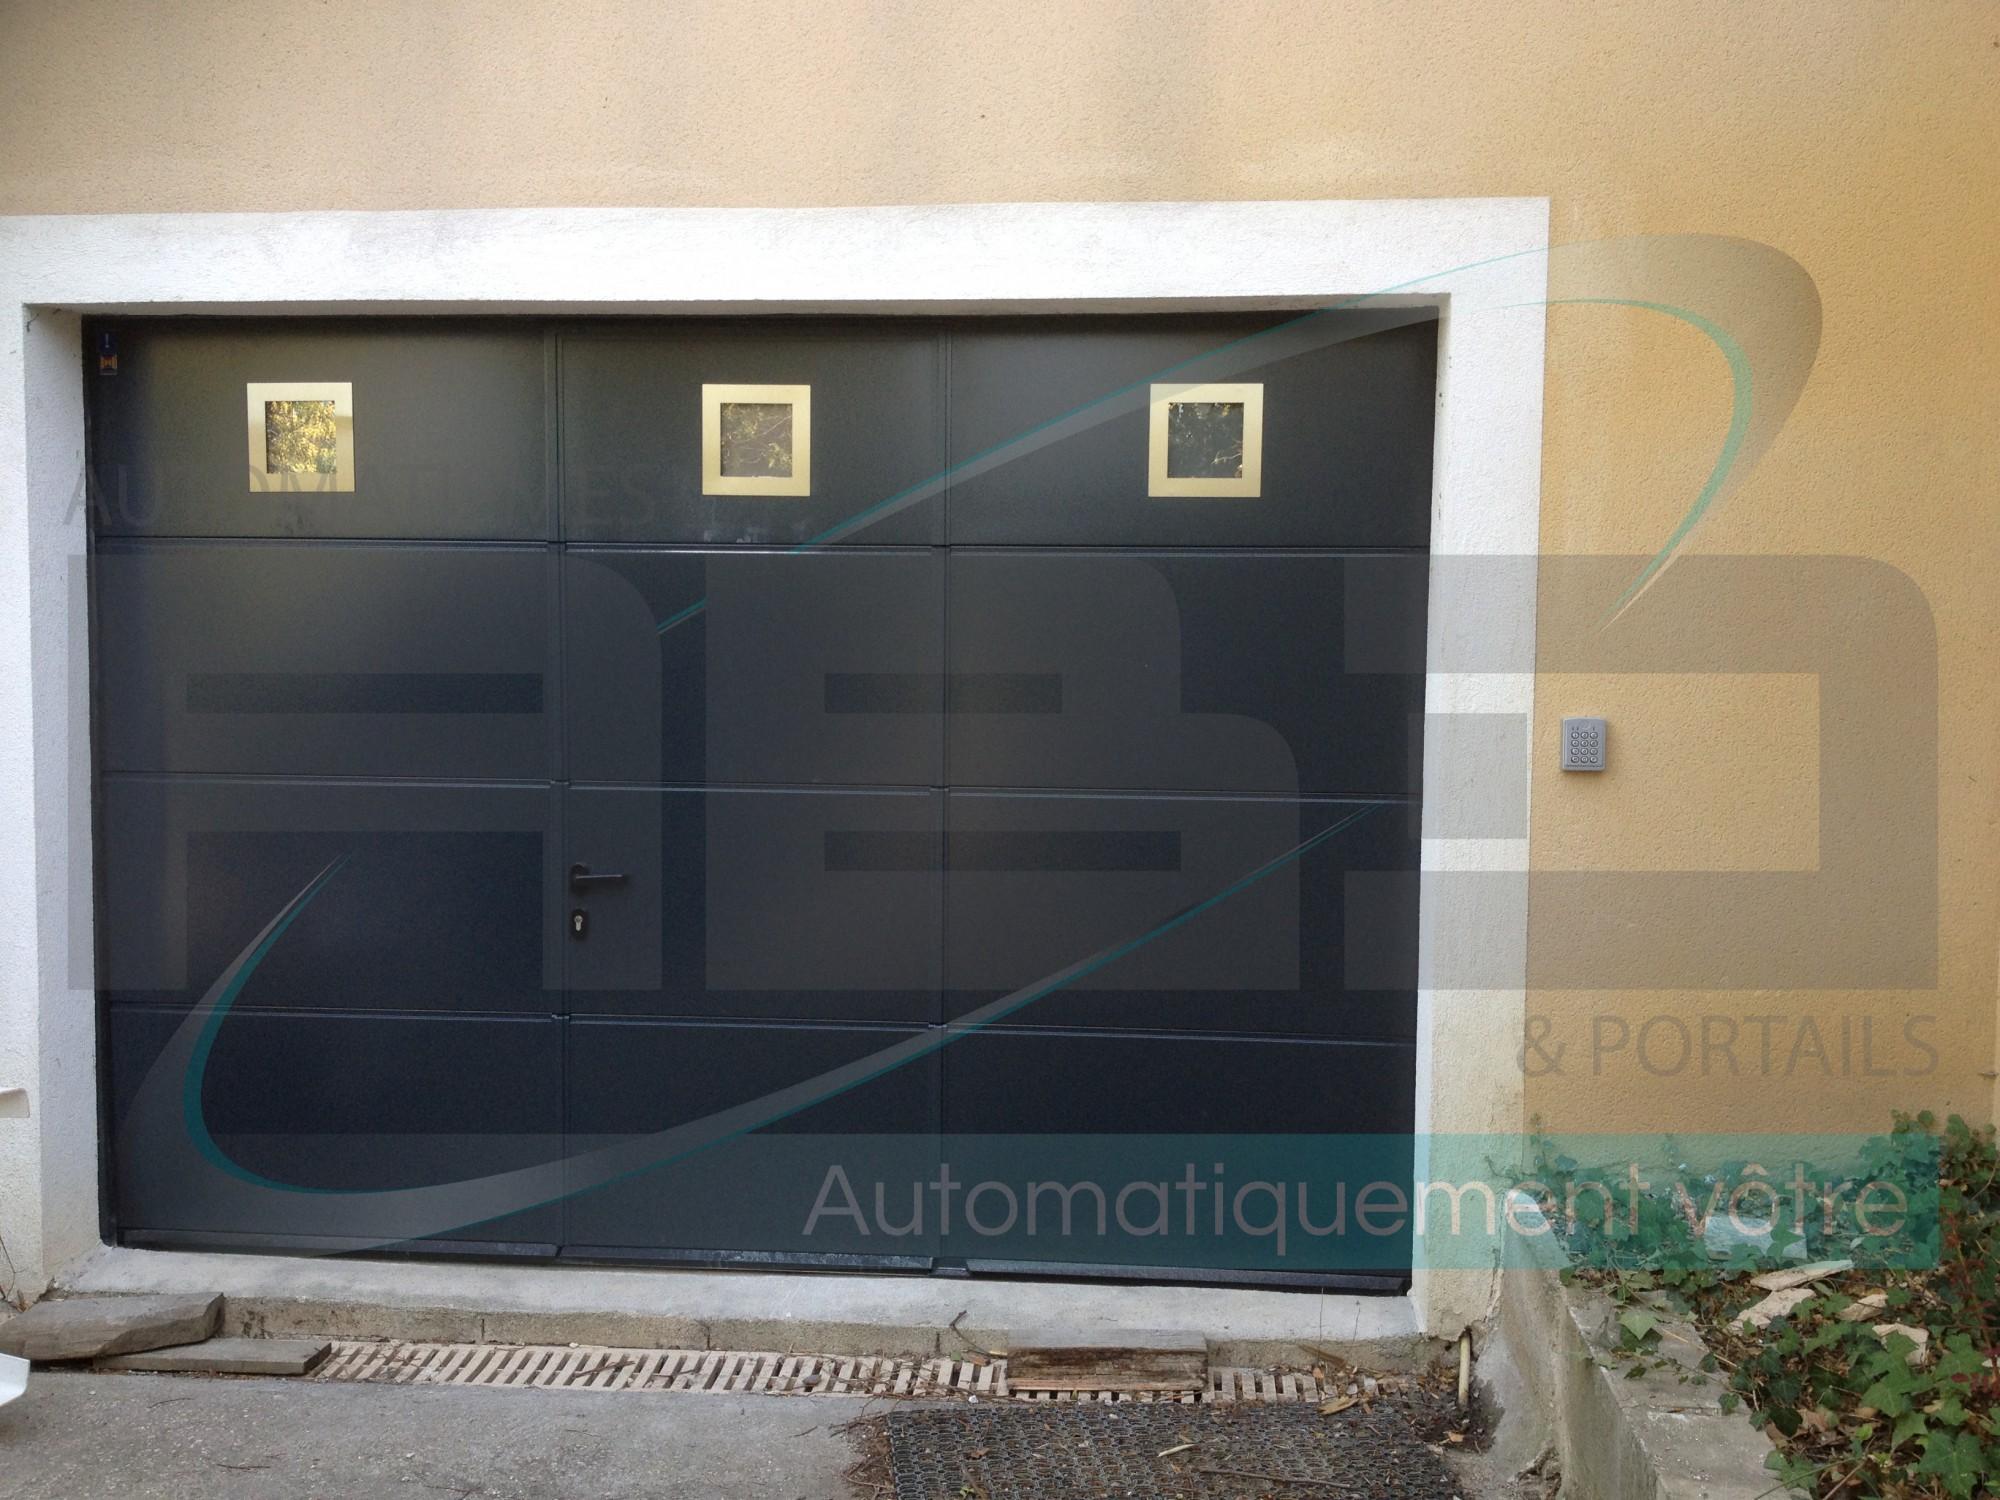 Porte De Garage Sectionnelle Hormann Sur Mesure Automobile Garage - Porte garage sectionnelle hormann